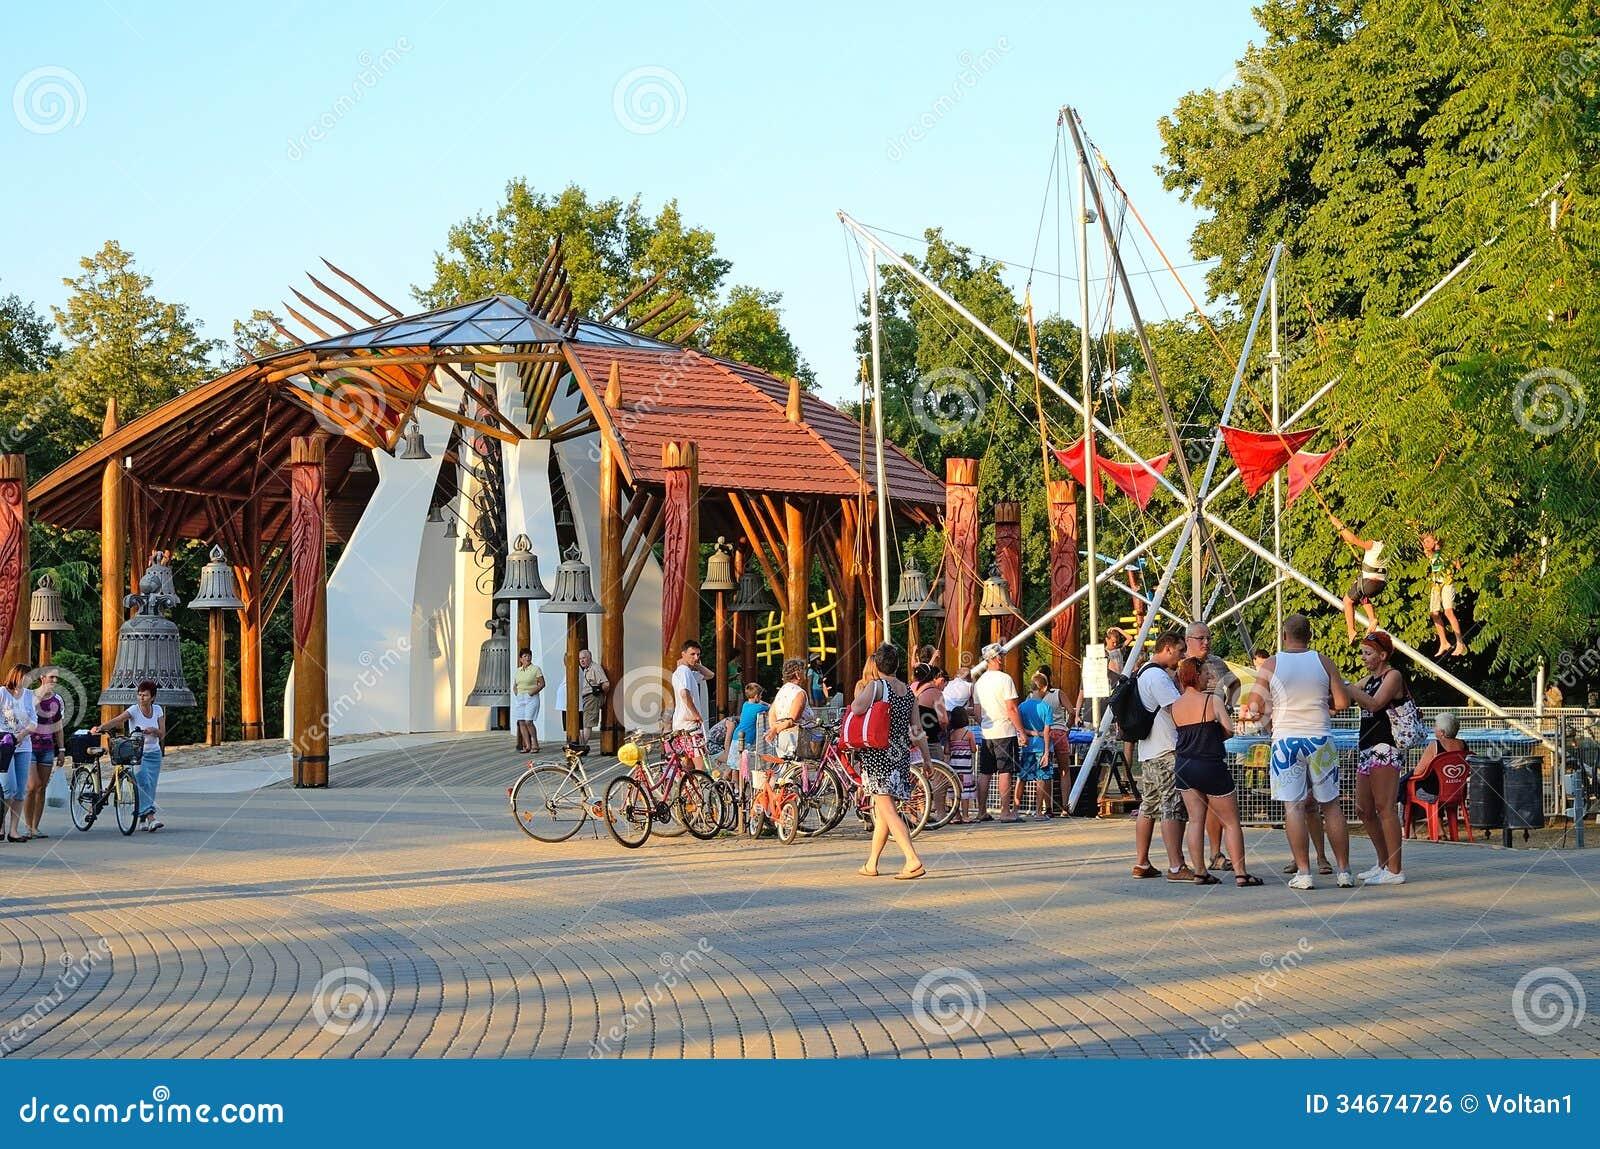 Hajduszoboszlo Hungary  city pictures gallery : the center of Hajduszoboszlo, Hungary on July 23, 2013. Hajduszoboszlo ...